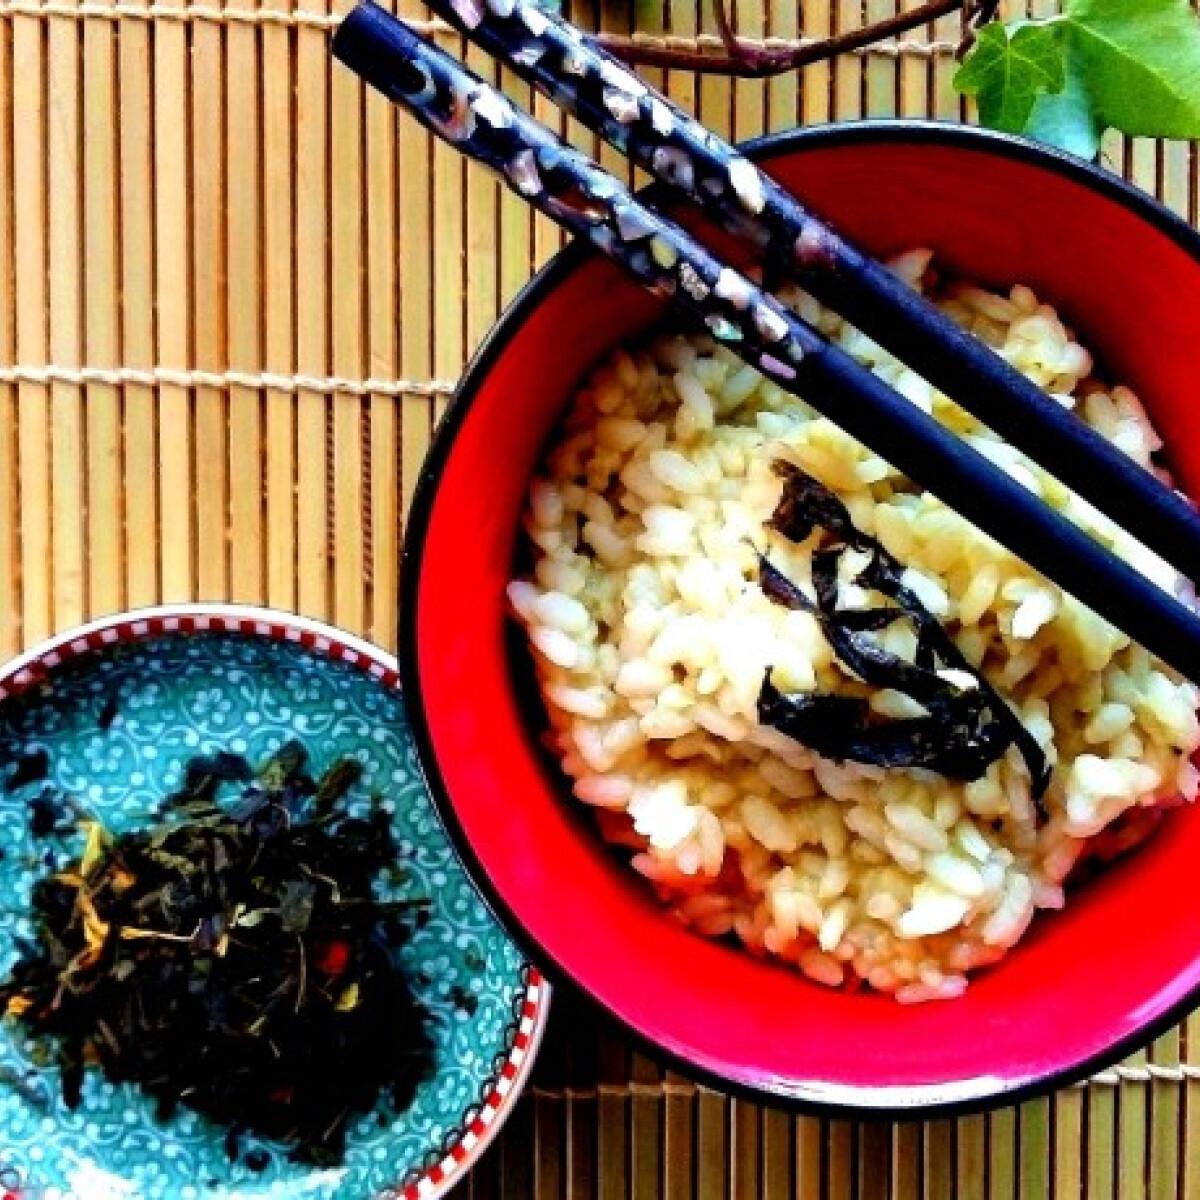 Ezen a képen: Chagayu - rizs zöldteában főzve reggelire